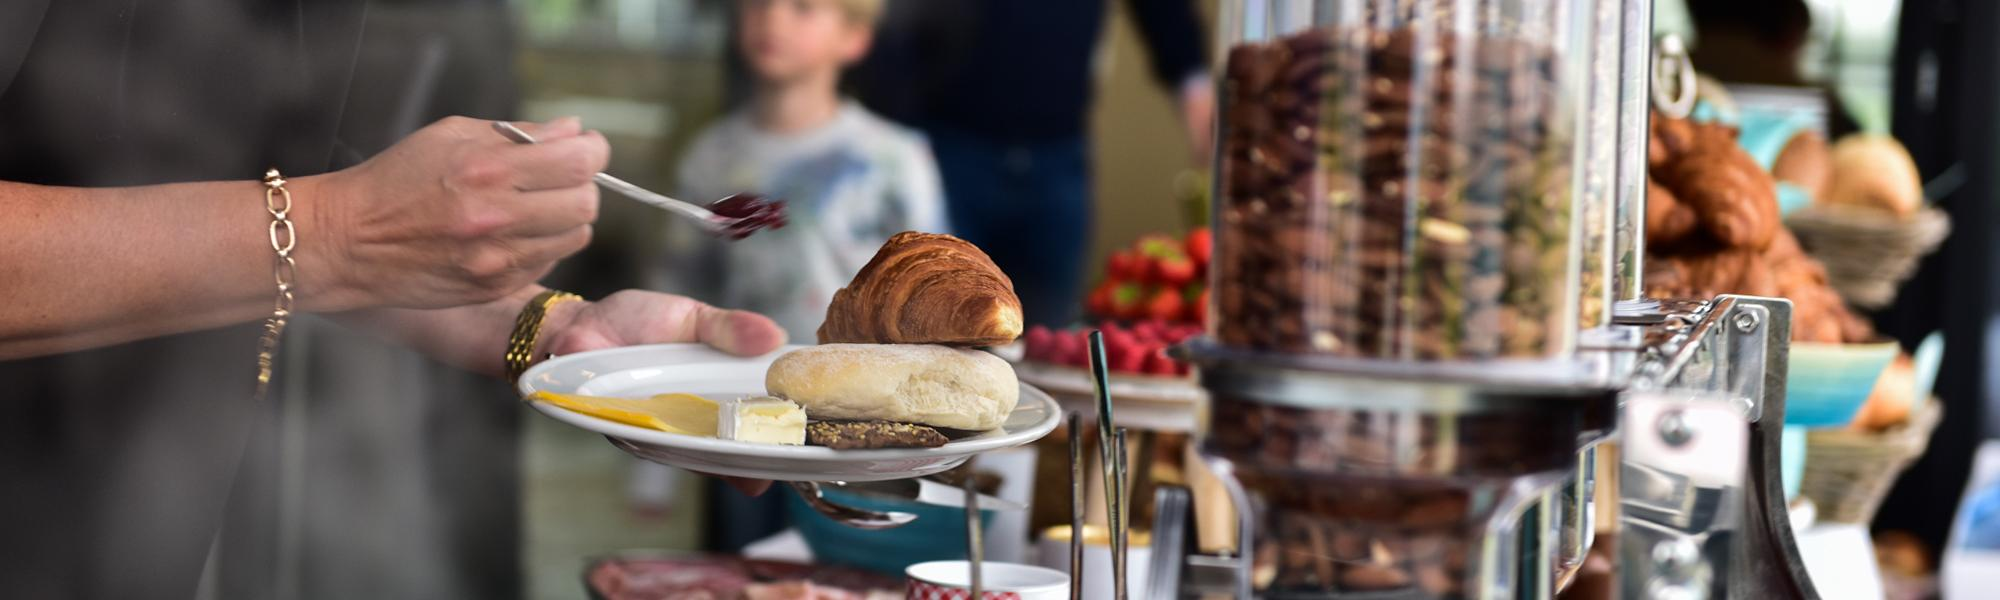 Ontbijten aan zee met Granola en co - Koksijde - Oostduinkerke